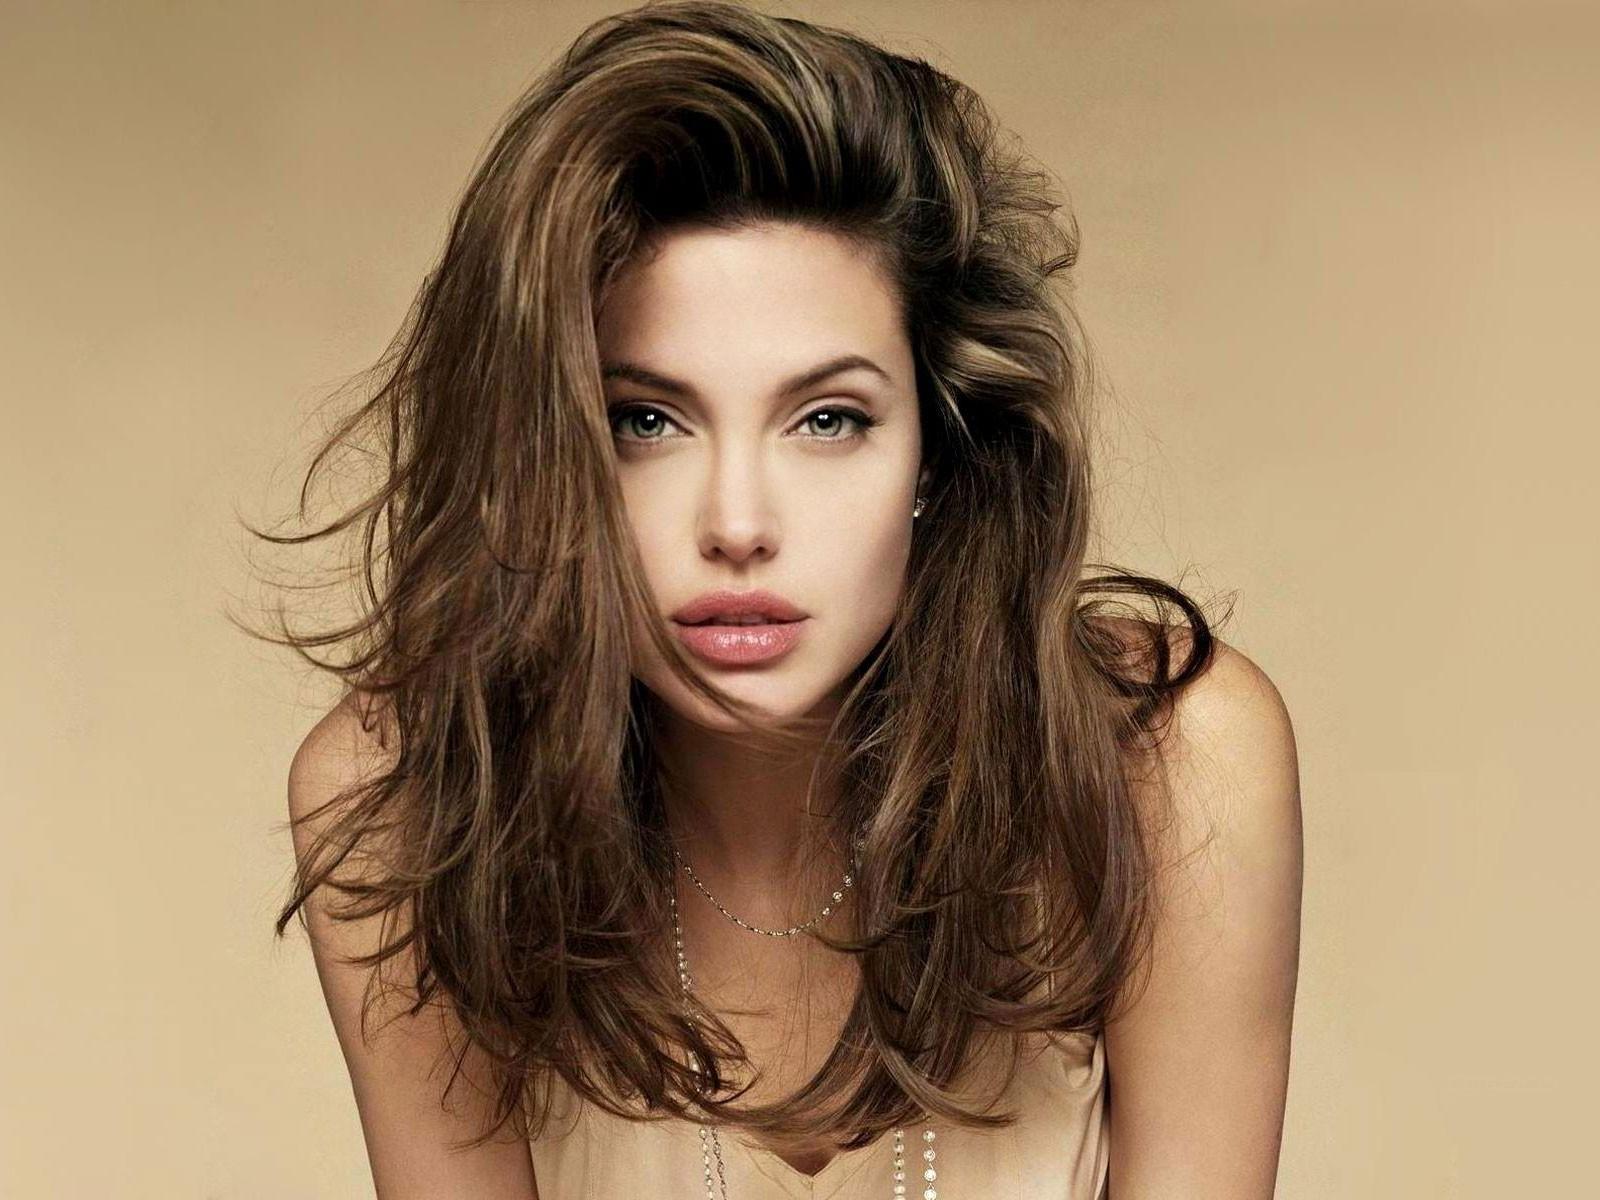 http://1.bp.blogspot.com/-q3gGCG4-pb4/TqUbim2JnLI/AAAAAAAAKQo/JocRM-Ce5kY/s1600/Angelina-Jolie-Wallpaper-5.jpg